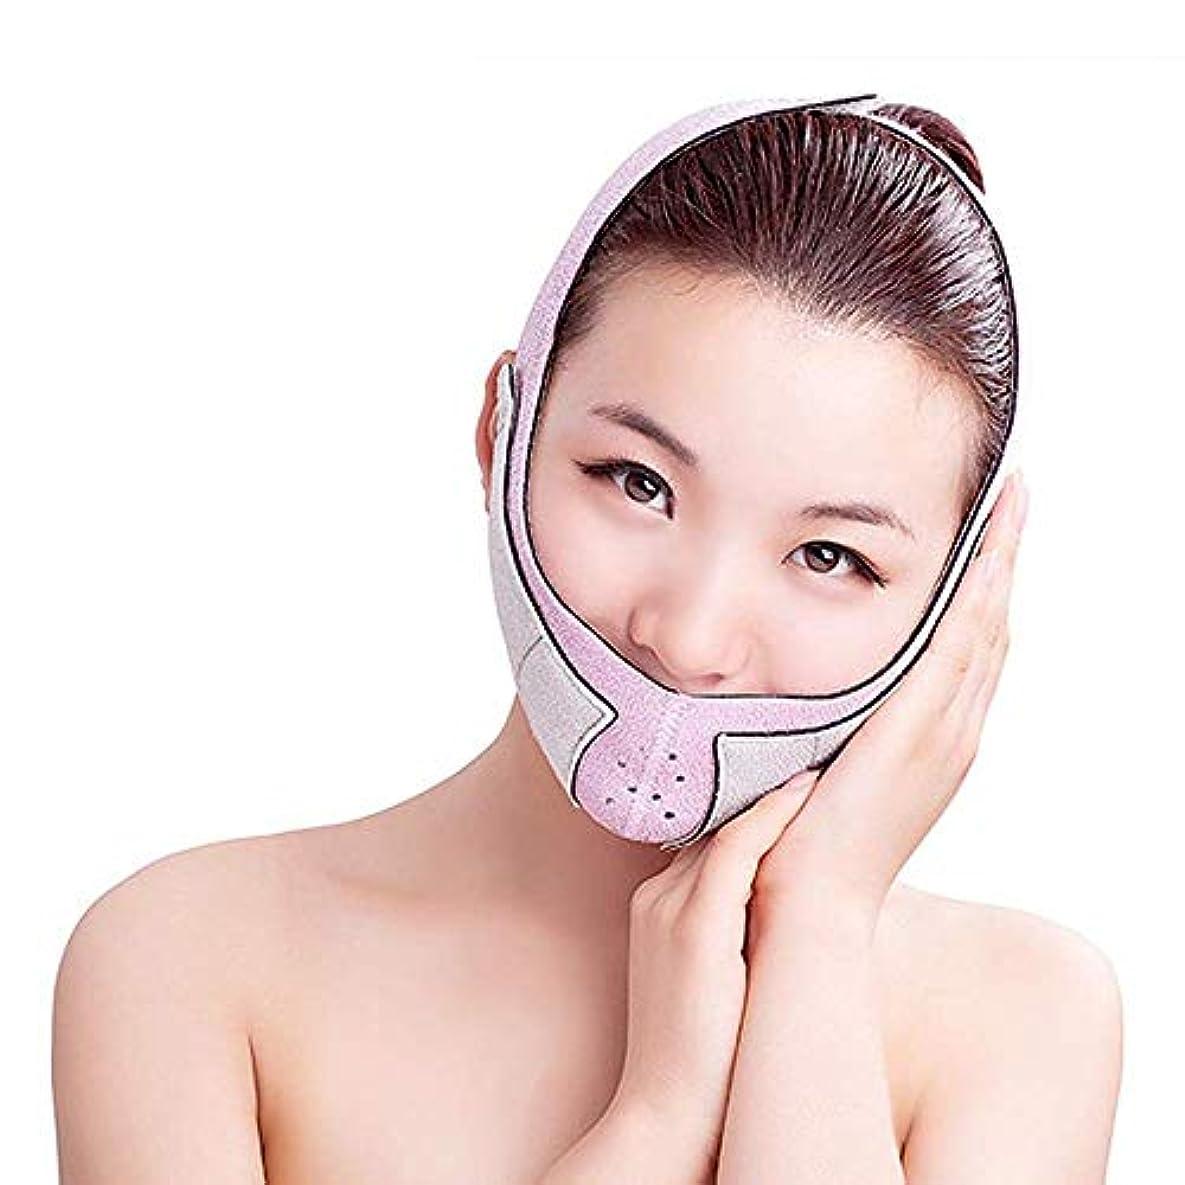 アクセスできない見て無実薄い顔ベルト薄い顔ベルト通気性の補正3D薄い顔V顔ベルト包帯薄い顔アーティファクト (色 : B)